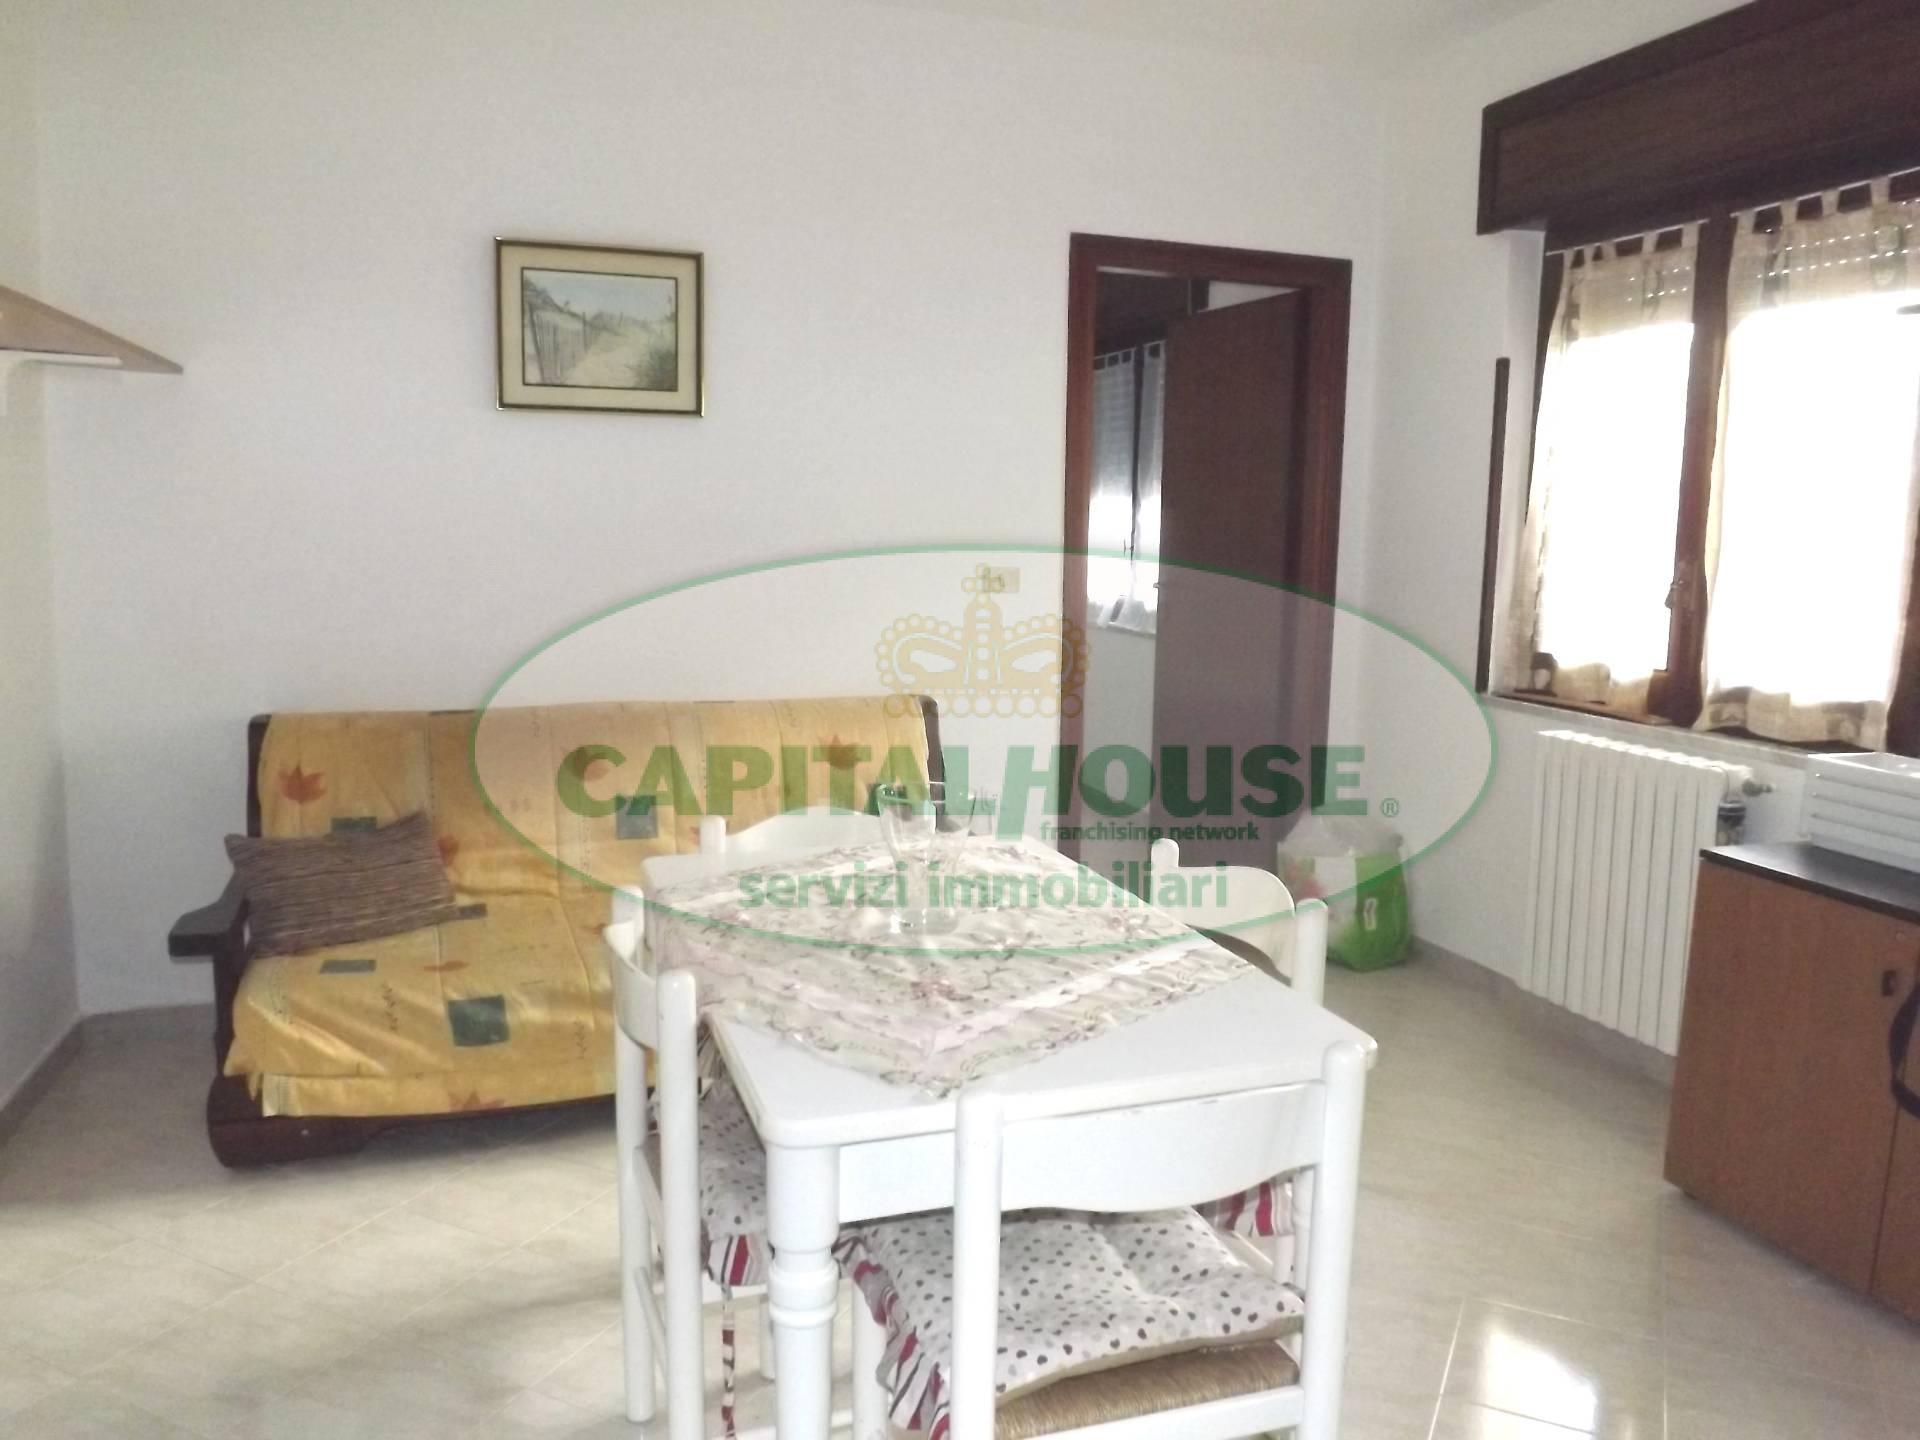 Appartamento in affitto a Santo Stefano del Sole, 1 locali, prezzo € 250 | CambioCasa.it